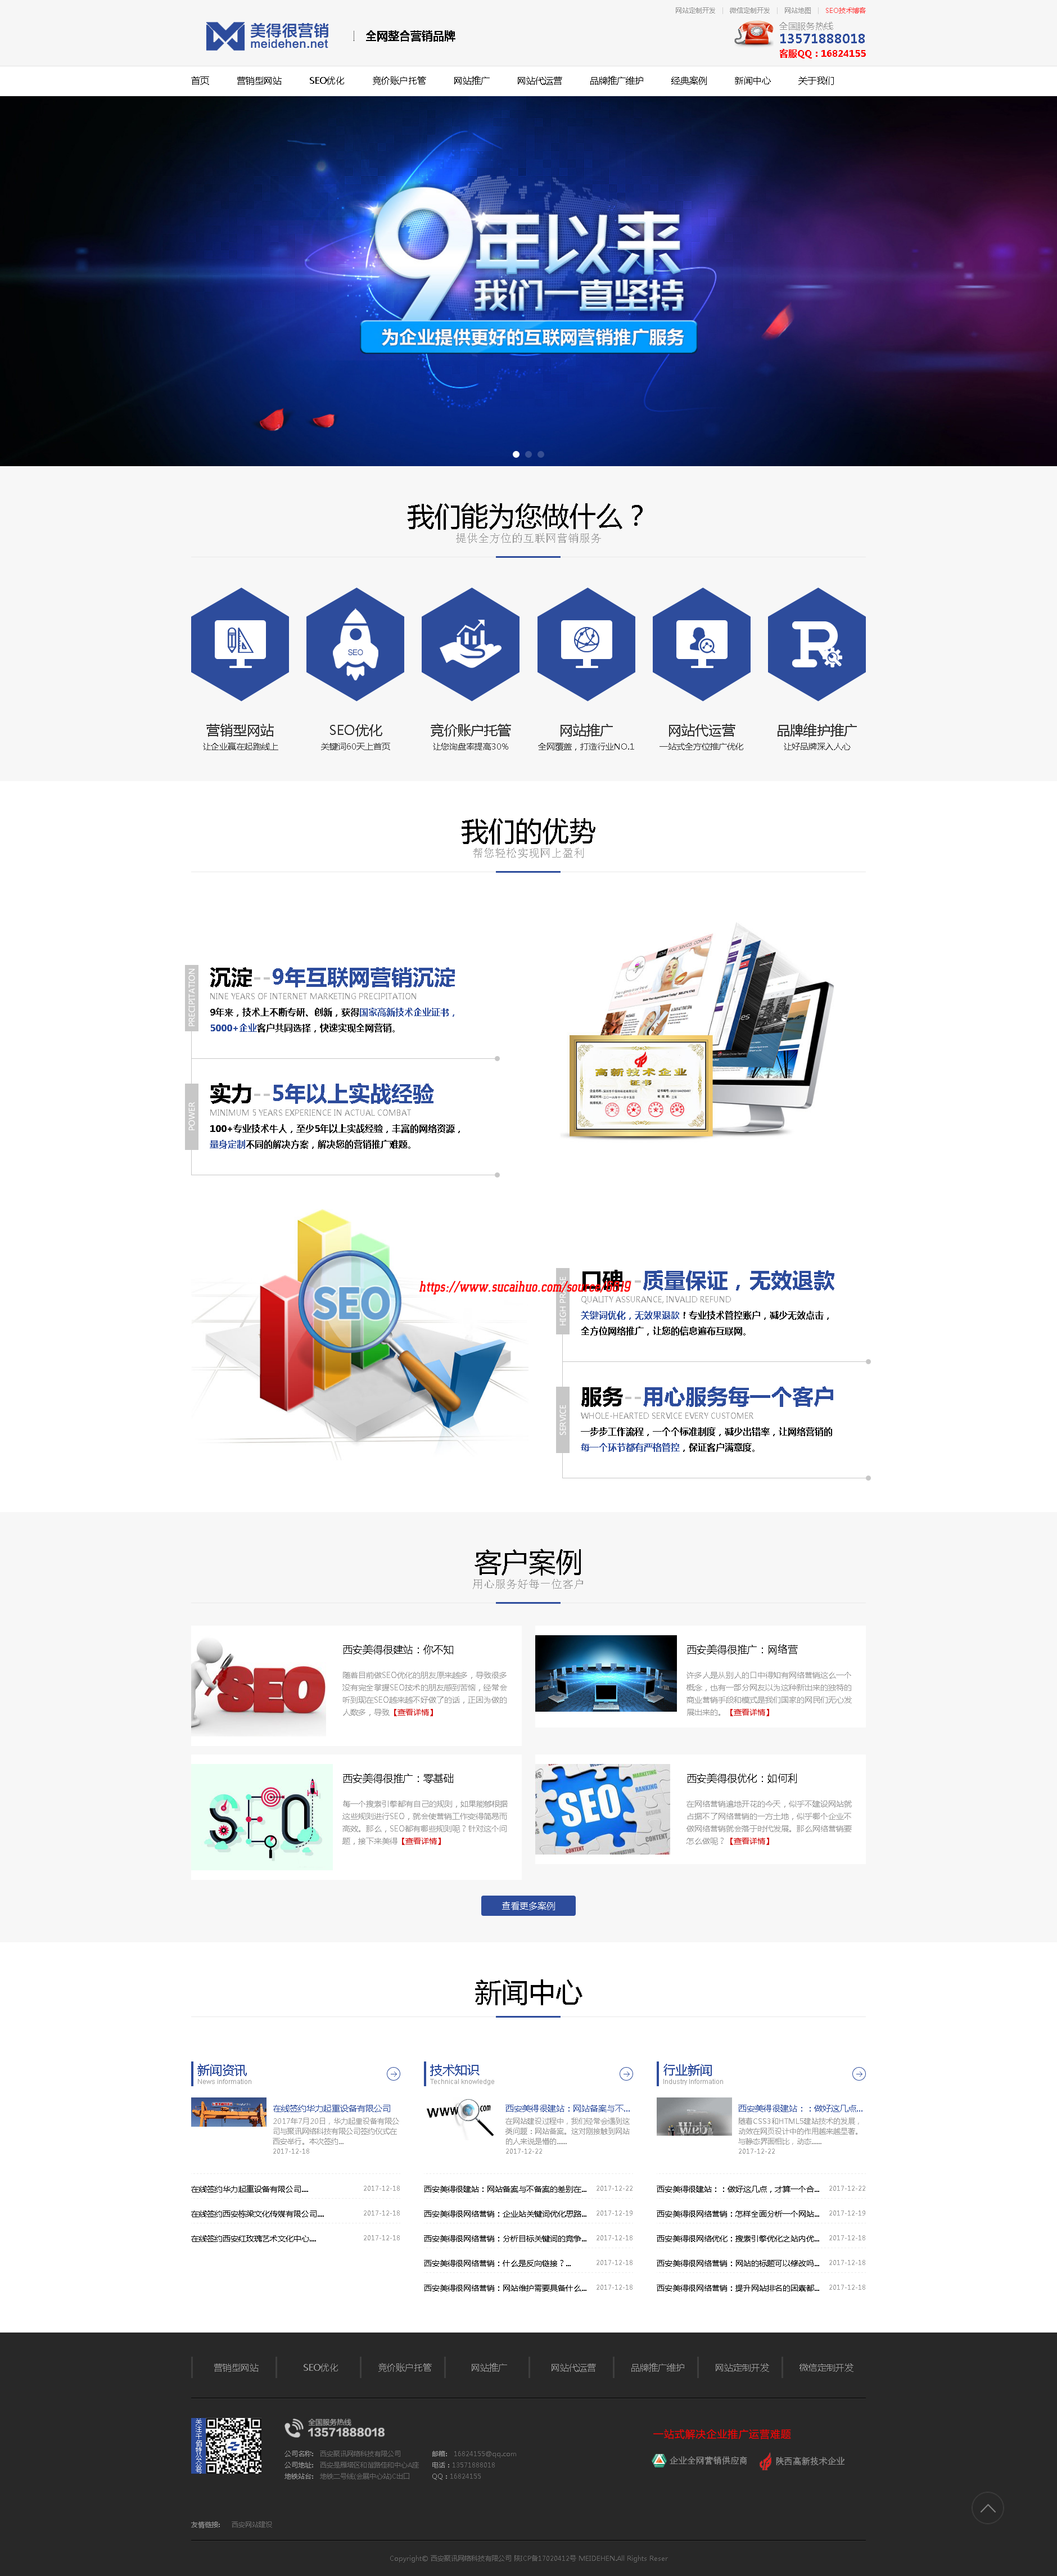 全网最新爆款营销策划网络公司网站源码搭配织梦cms模板带自适应手机端